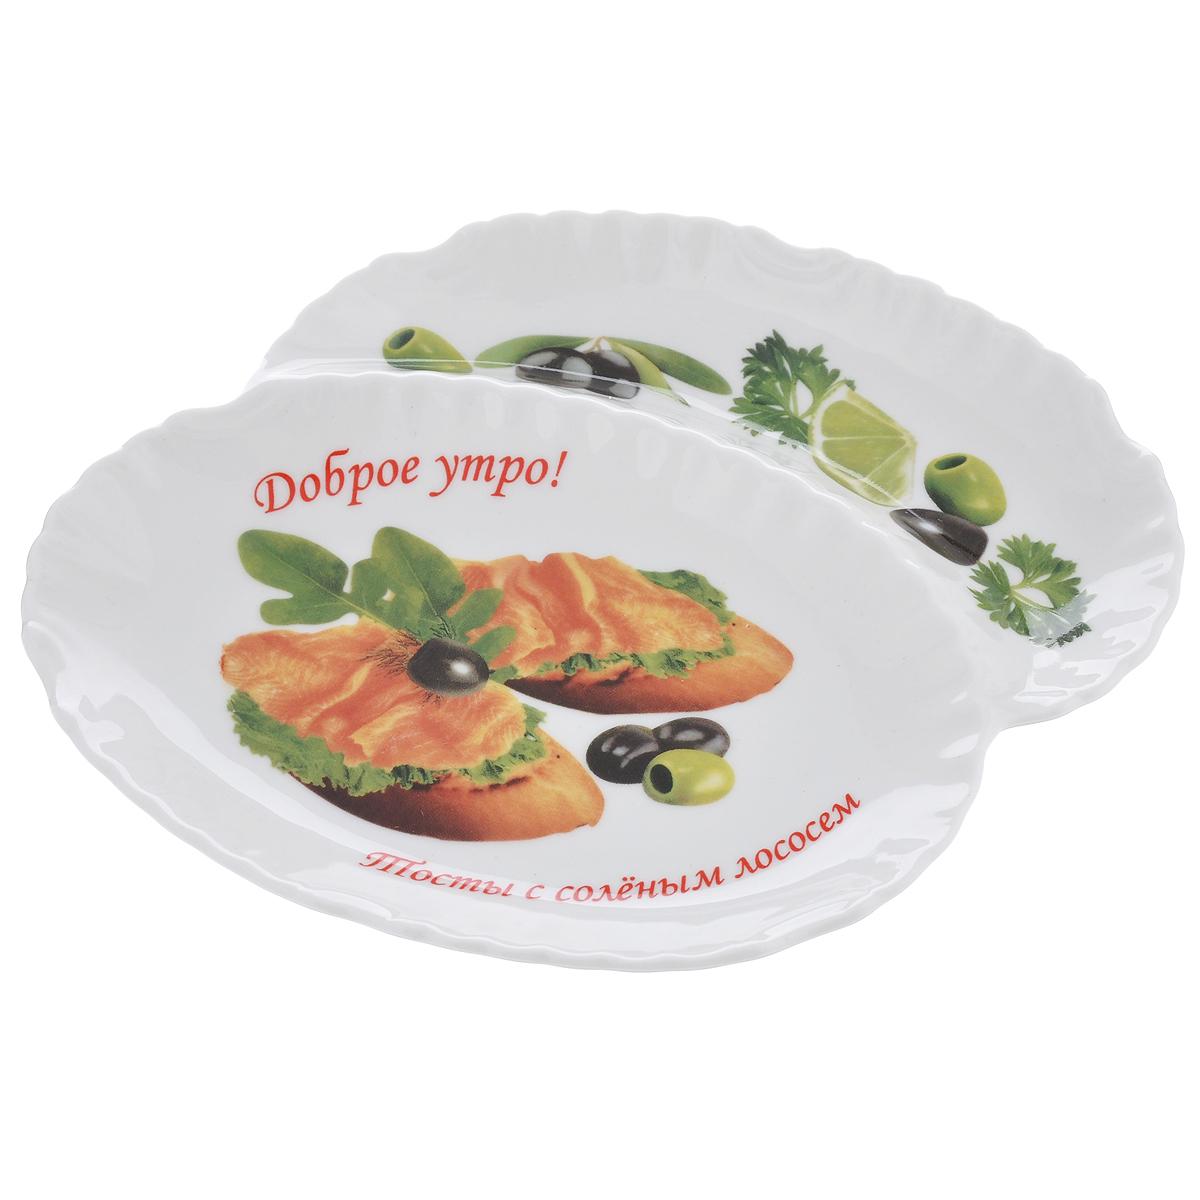 Менажница LarangE Тосты с соленым лососем, 2 секции589-303Изящная менажница LarangE Тосты с соленым лососем, выполненная из высококачественного прочного фарфора, состоит из двух секций. Некоторые блюда можно подавать только в менажнице, чтобы не произошло смешение вкусовых оттенков гарниров. Также менажница может быть использована в качестве посуды для нескольких видов салатов или закусок. Менажница LarangE Тосты с соленым лососем станет замечательной деталью сервировки и великолепным украшением праздничного стола.Можно использовать в СВЧ печах, духовом шкафу и холодильнике. Не применять абразивные чистящие вещества.Количество секций: 2.Размер секций менажницы: 16 см х 10,5 см; 16 см х 4,5 см.Высота стенки менажницы: 2,5 см.